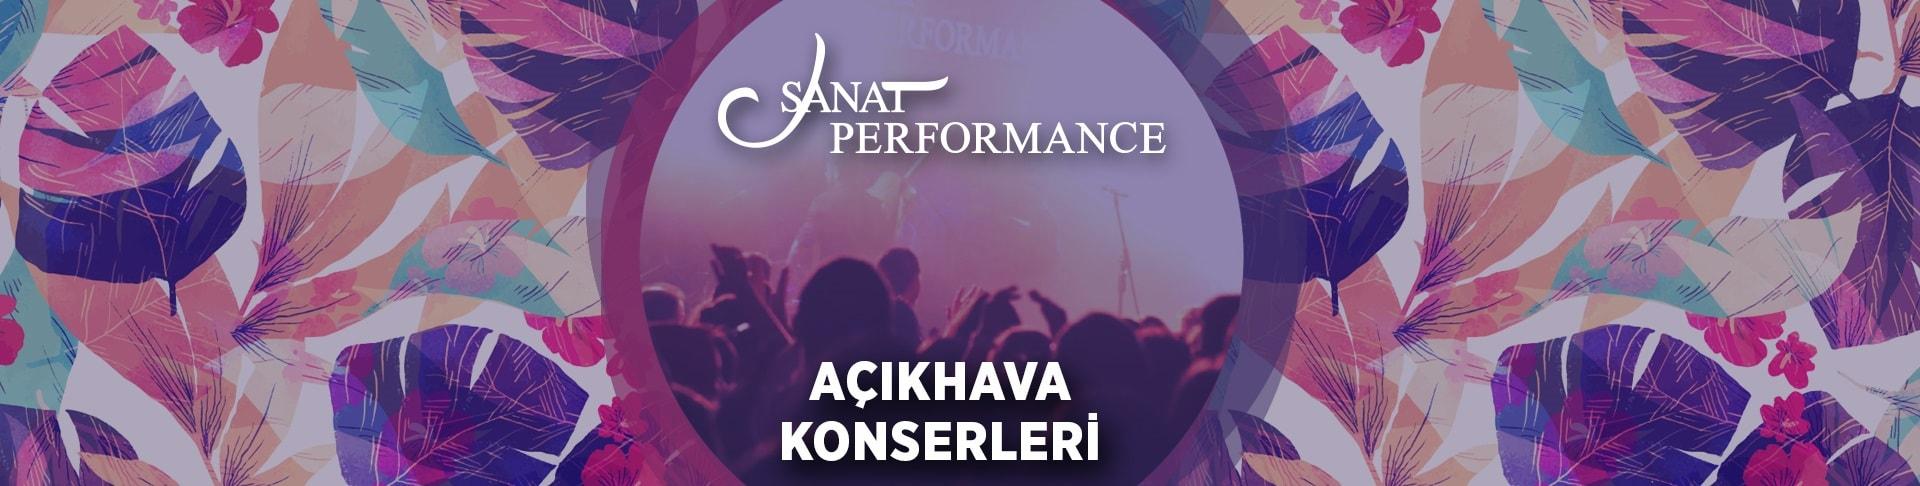 Beyoğlu Sanat Performance Konserleri